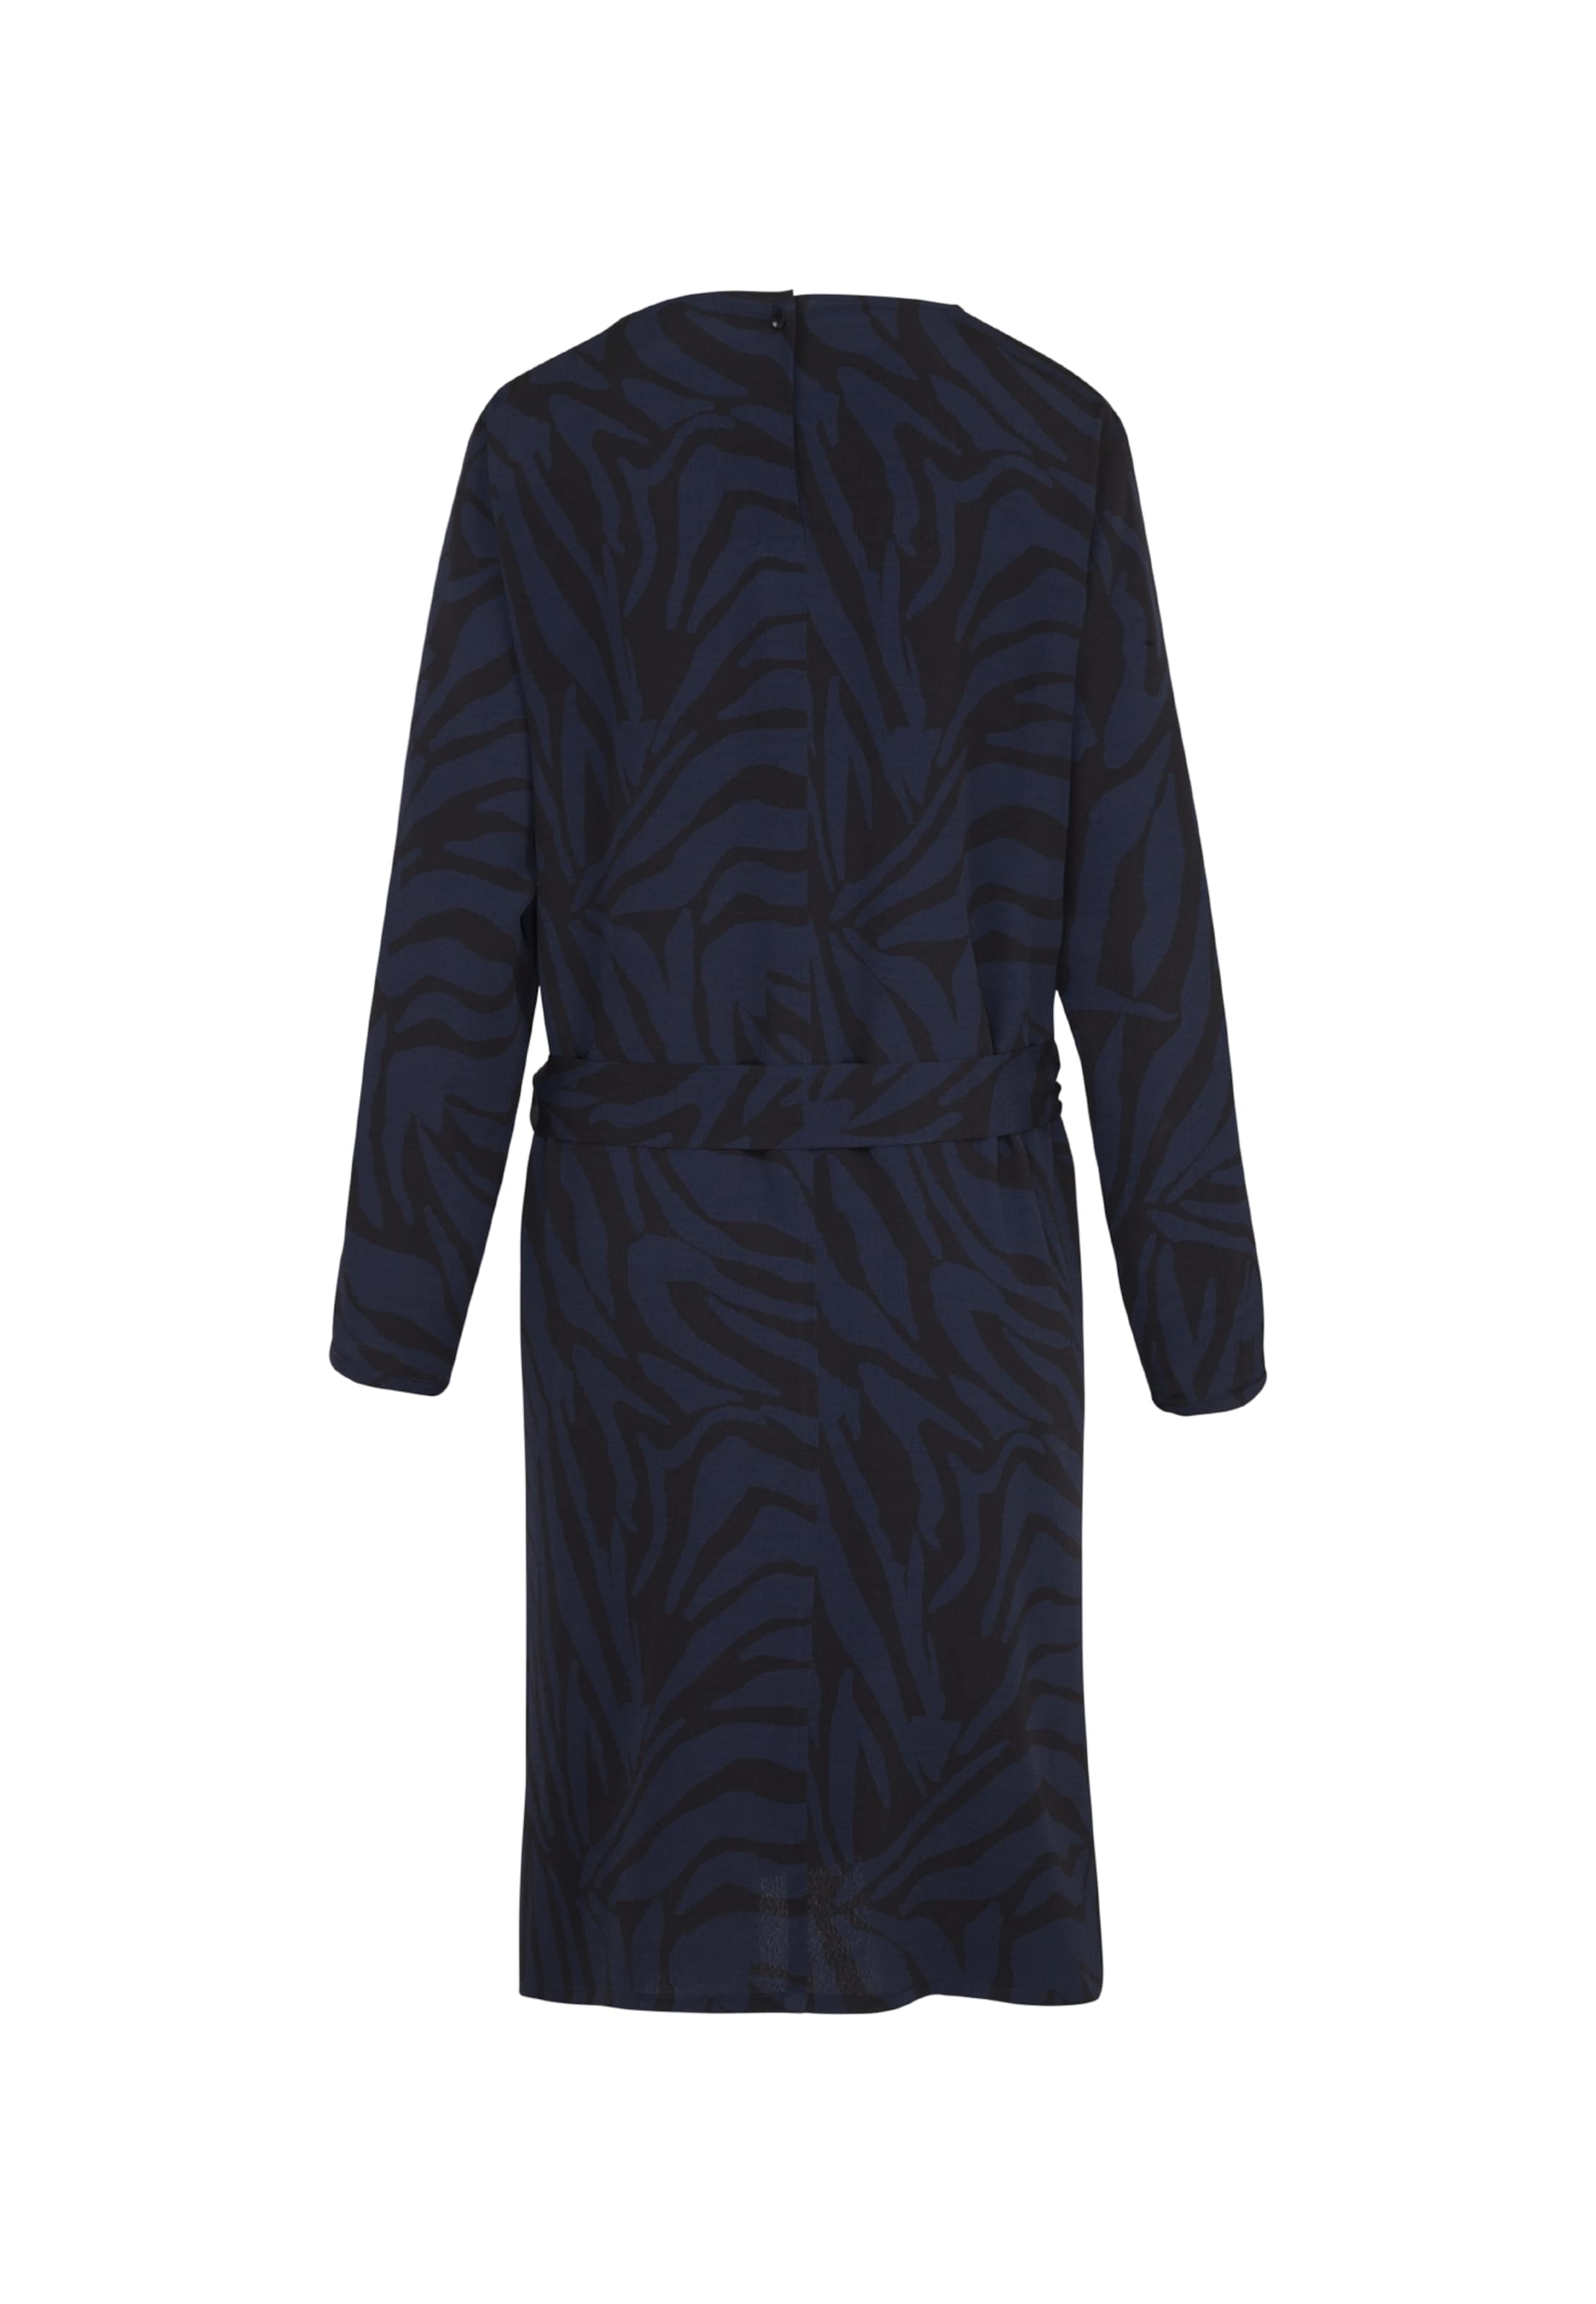 Rose' Bleu Seidensticker 'schwarze En MarineNuit Robe vm8w0nN